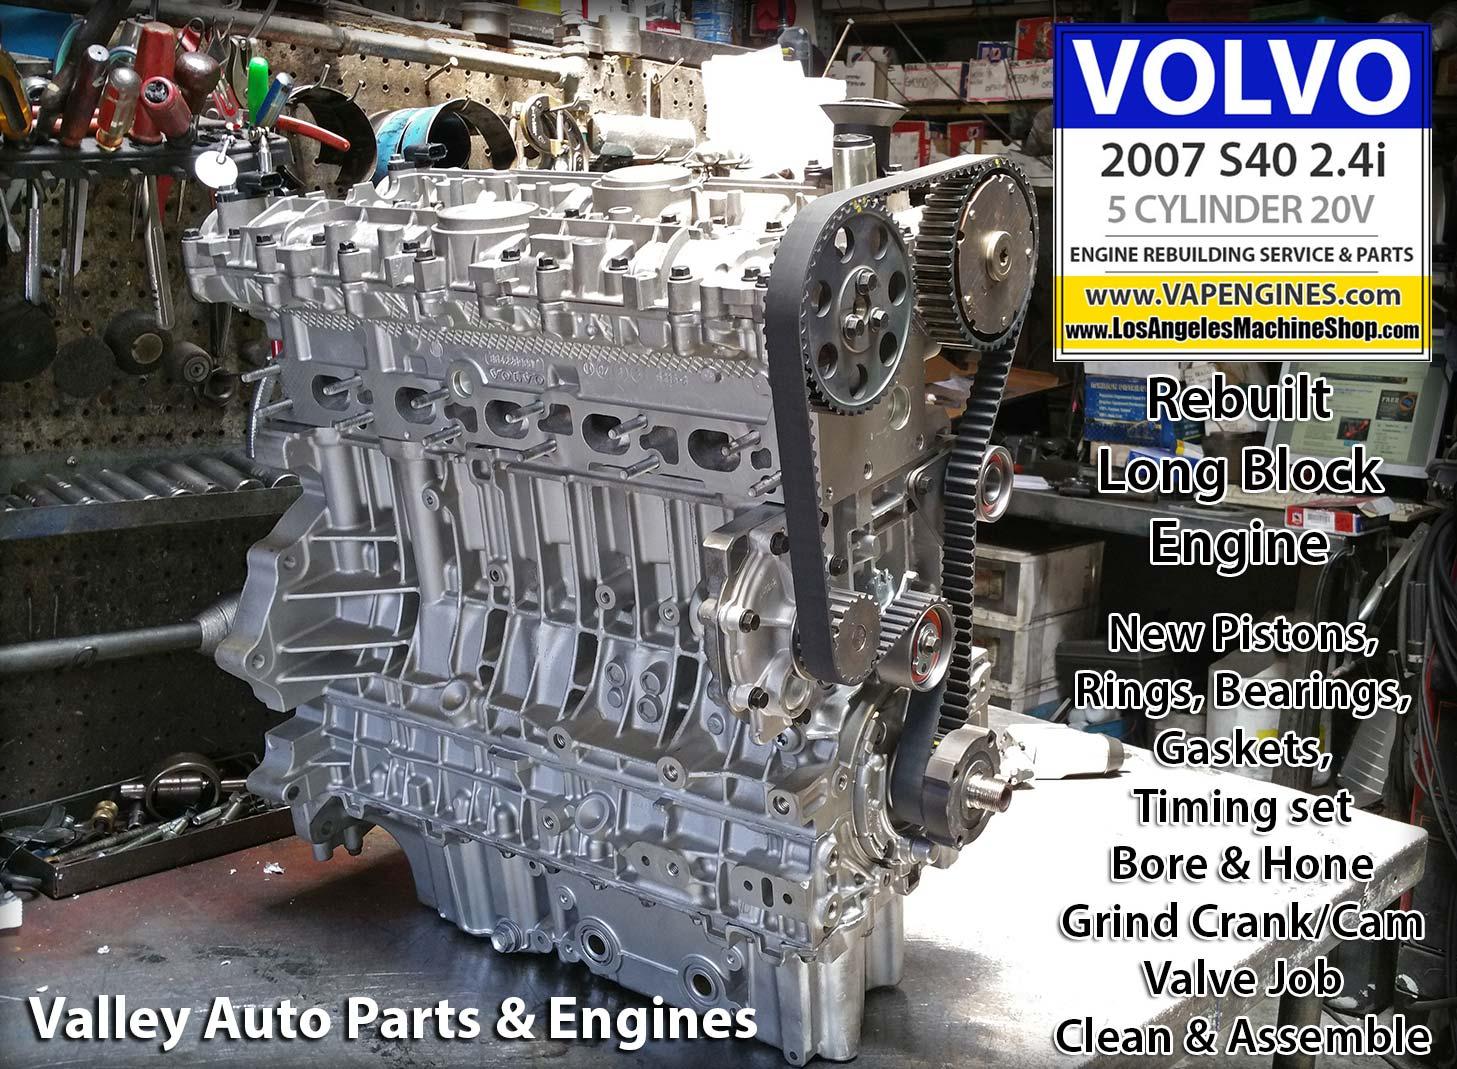 07 Volvo S40 2.4i Engine Rebuild